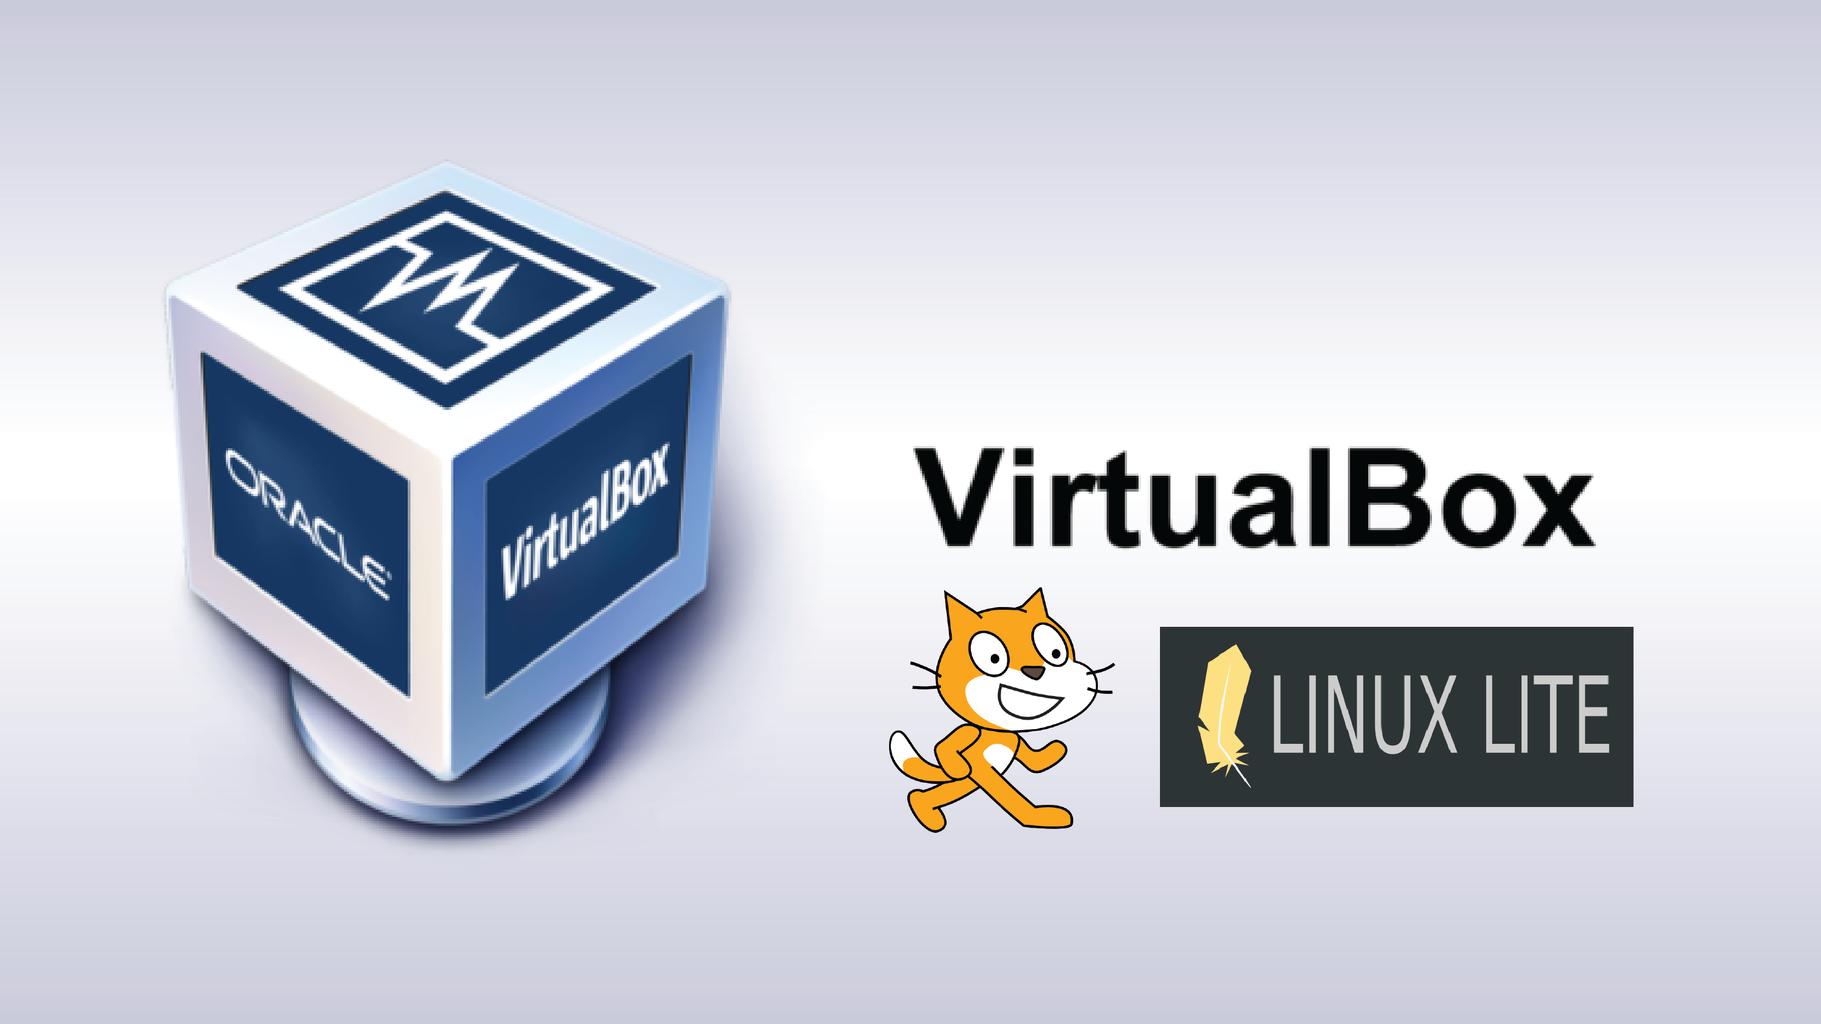 Realizar Una Maquina Virtual, Configurar LinuxLite Y Programar Con Scratch